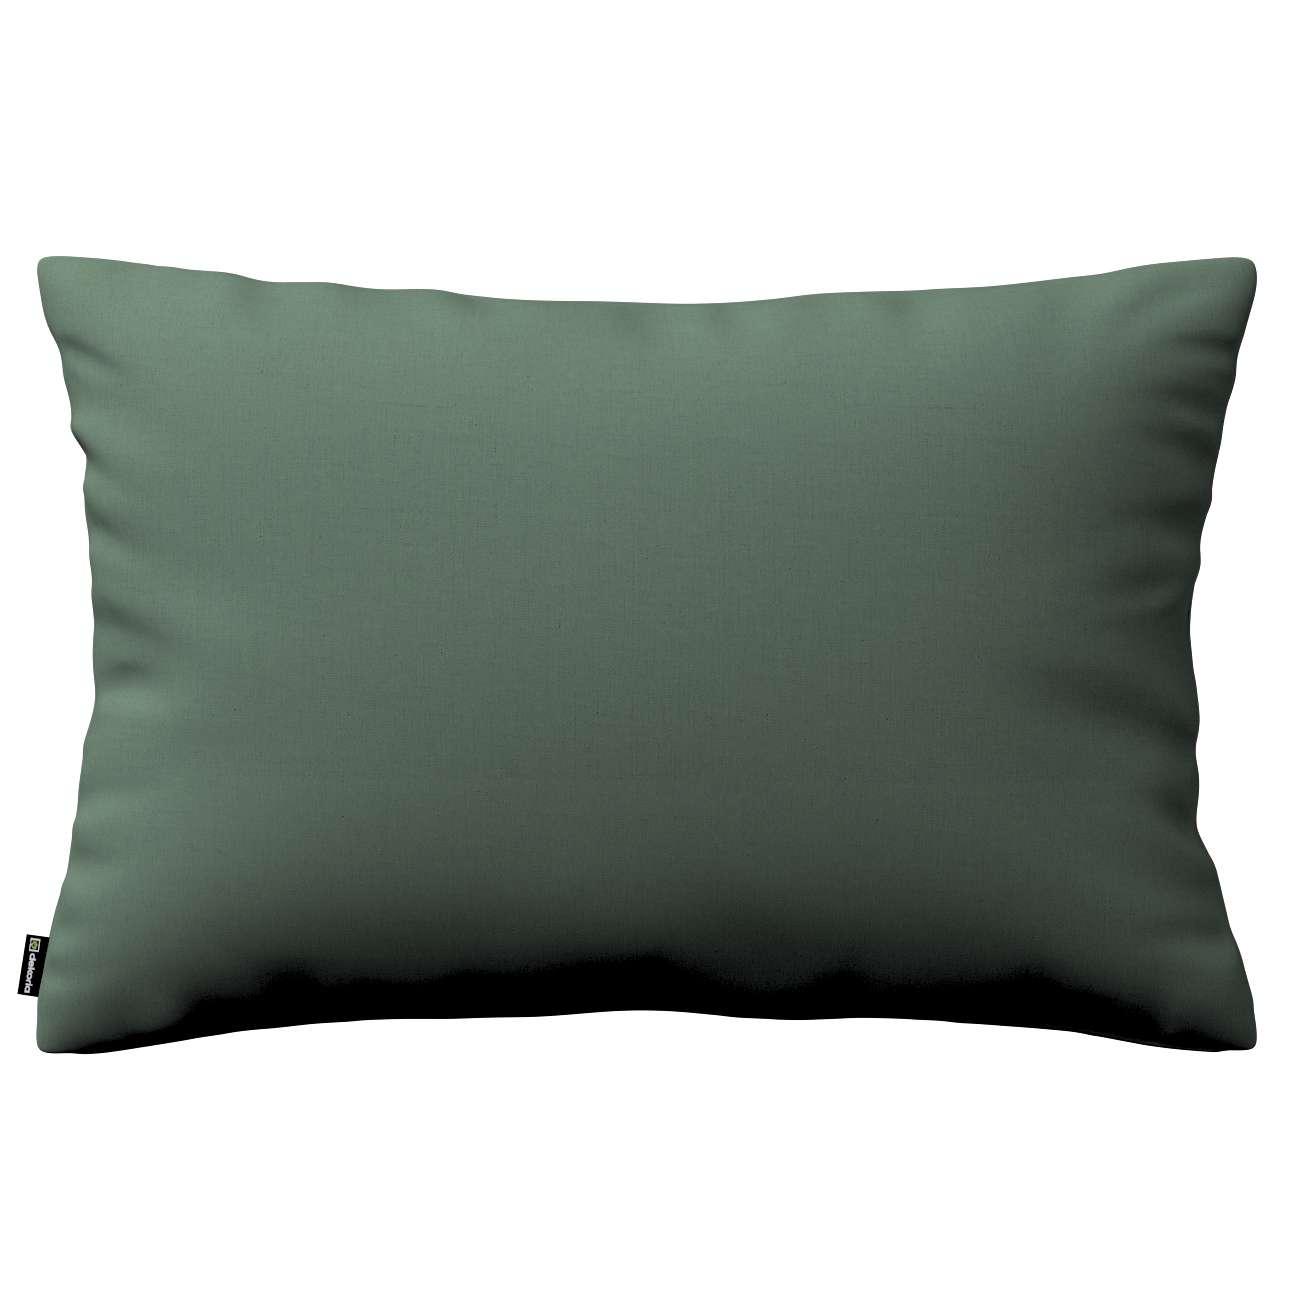 Poszewka Kinga na poduszkę prostokątną w kolekcji Linen, tkanina: 159-08